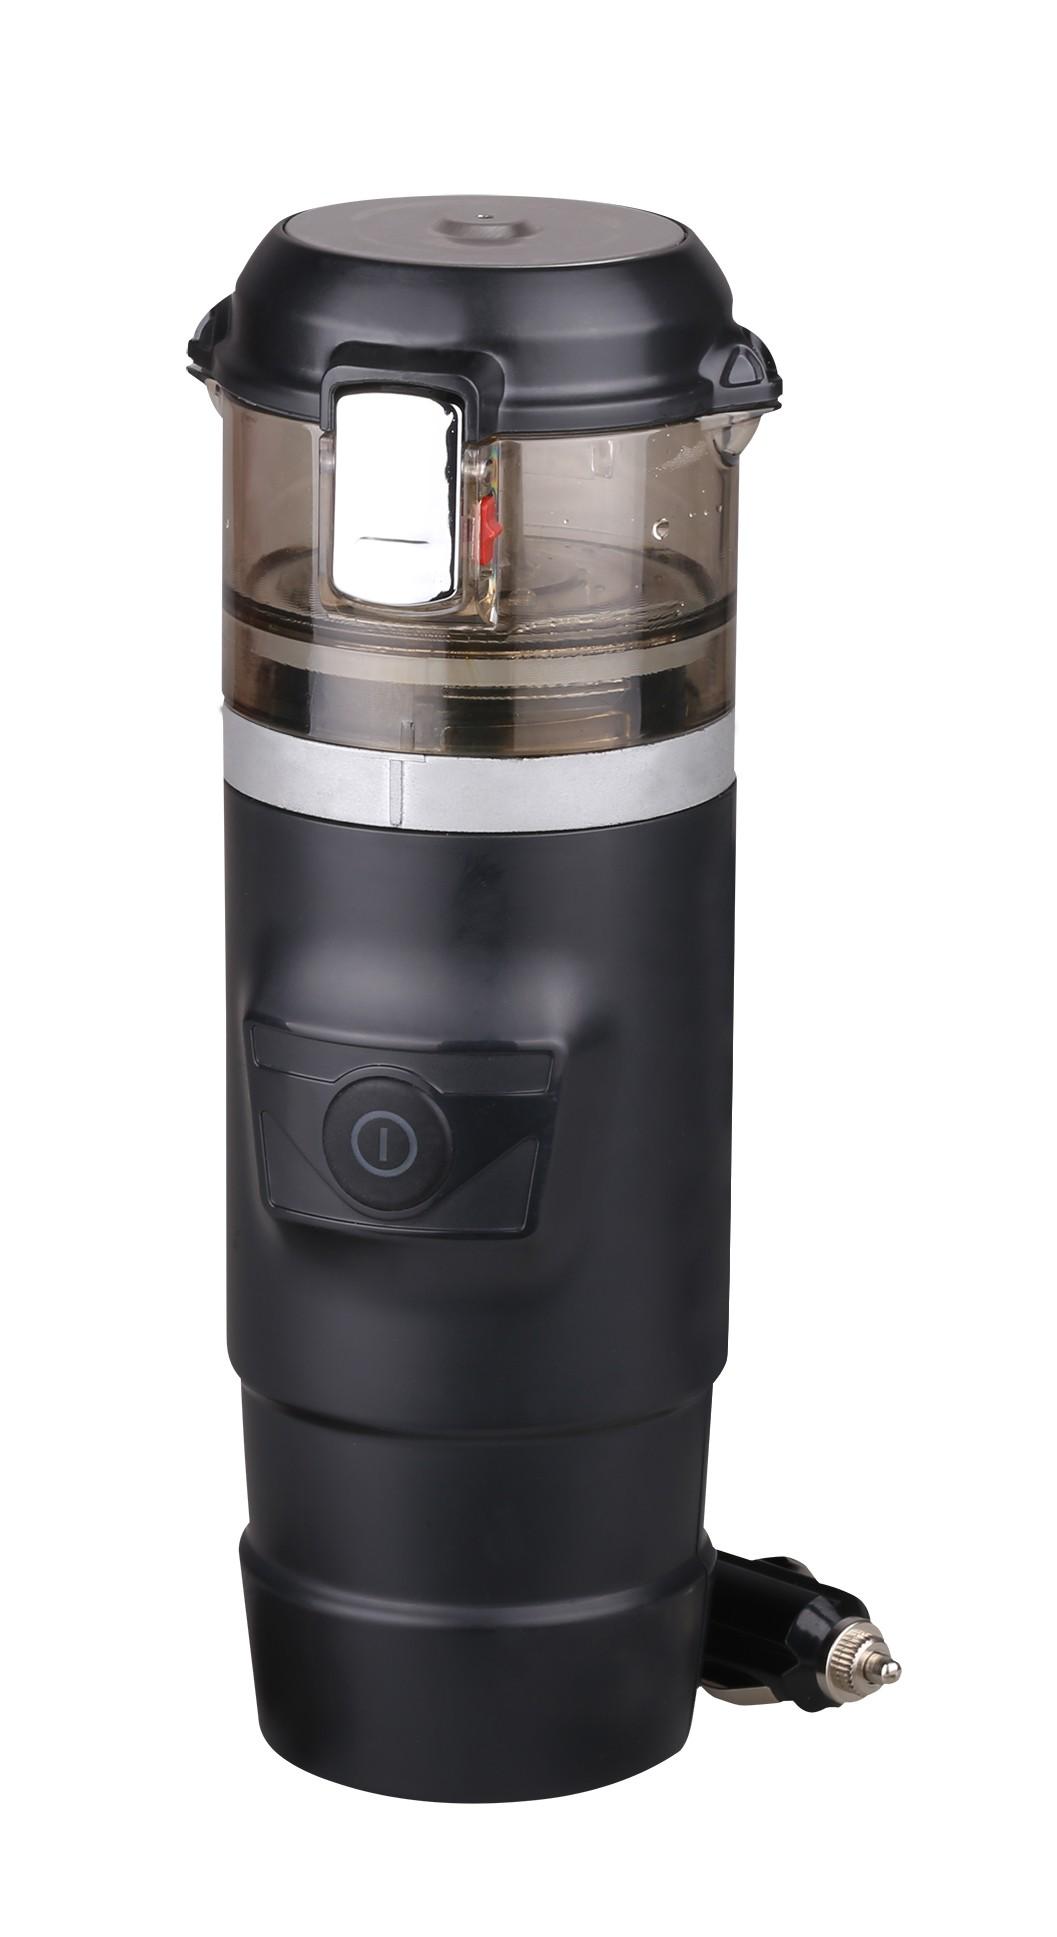 143.35 - Μηχανή Χειρός Για Καφέ Espresso